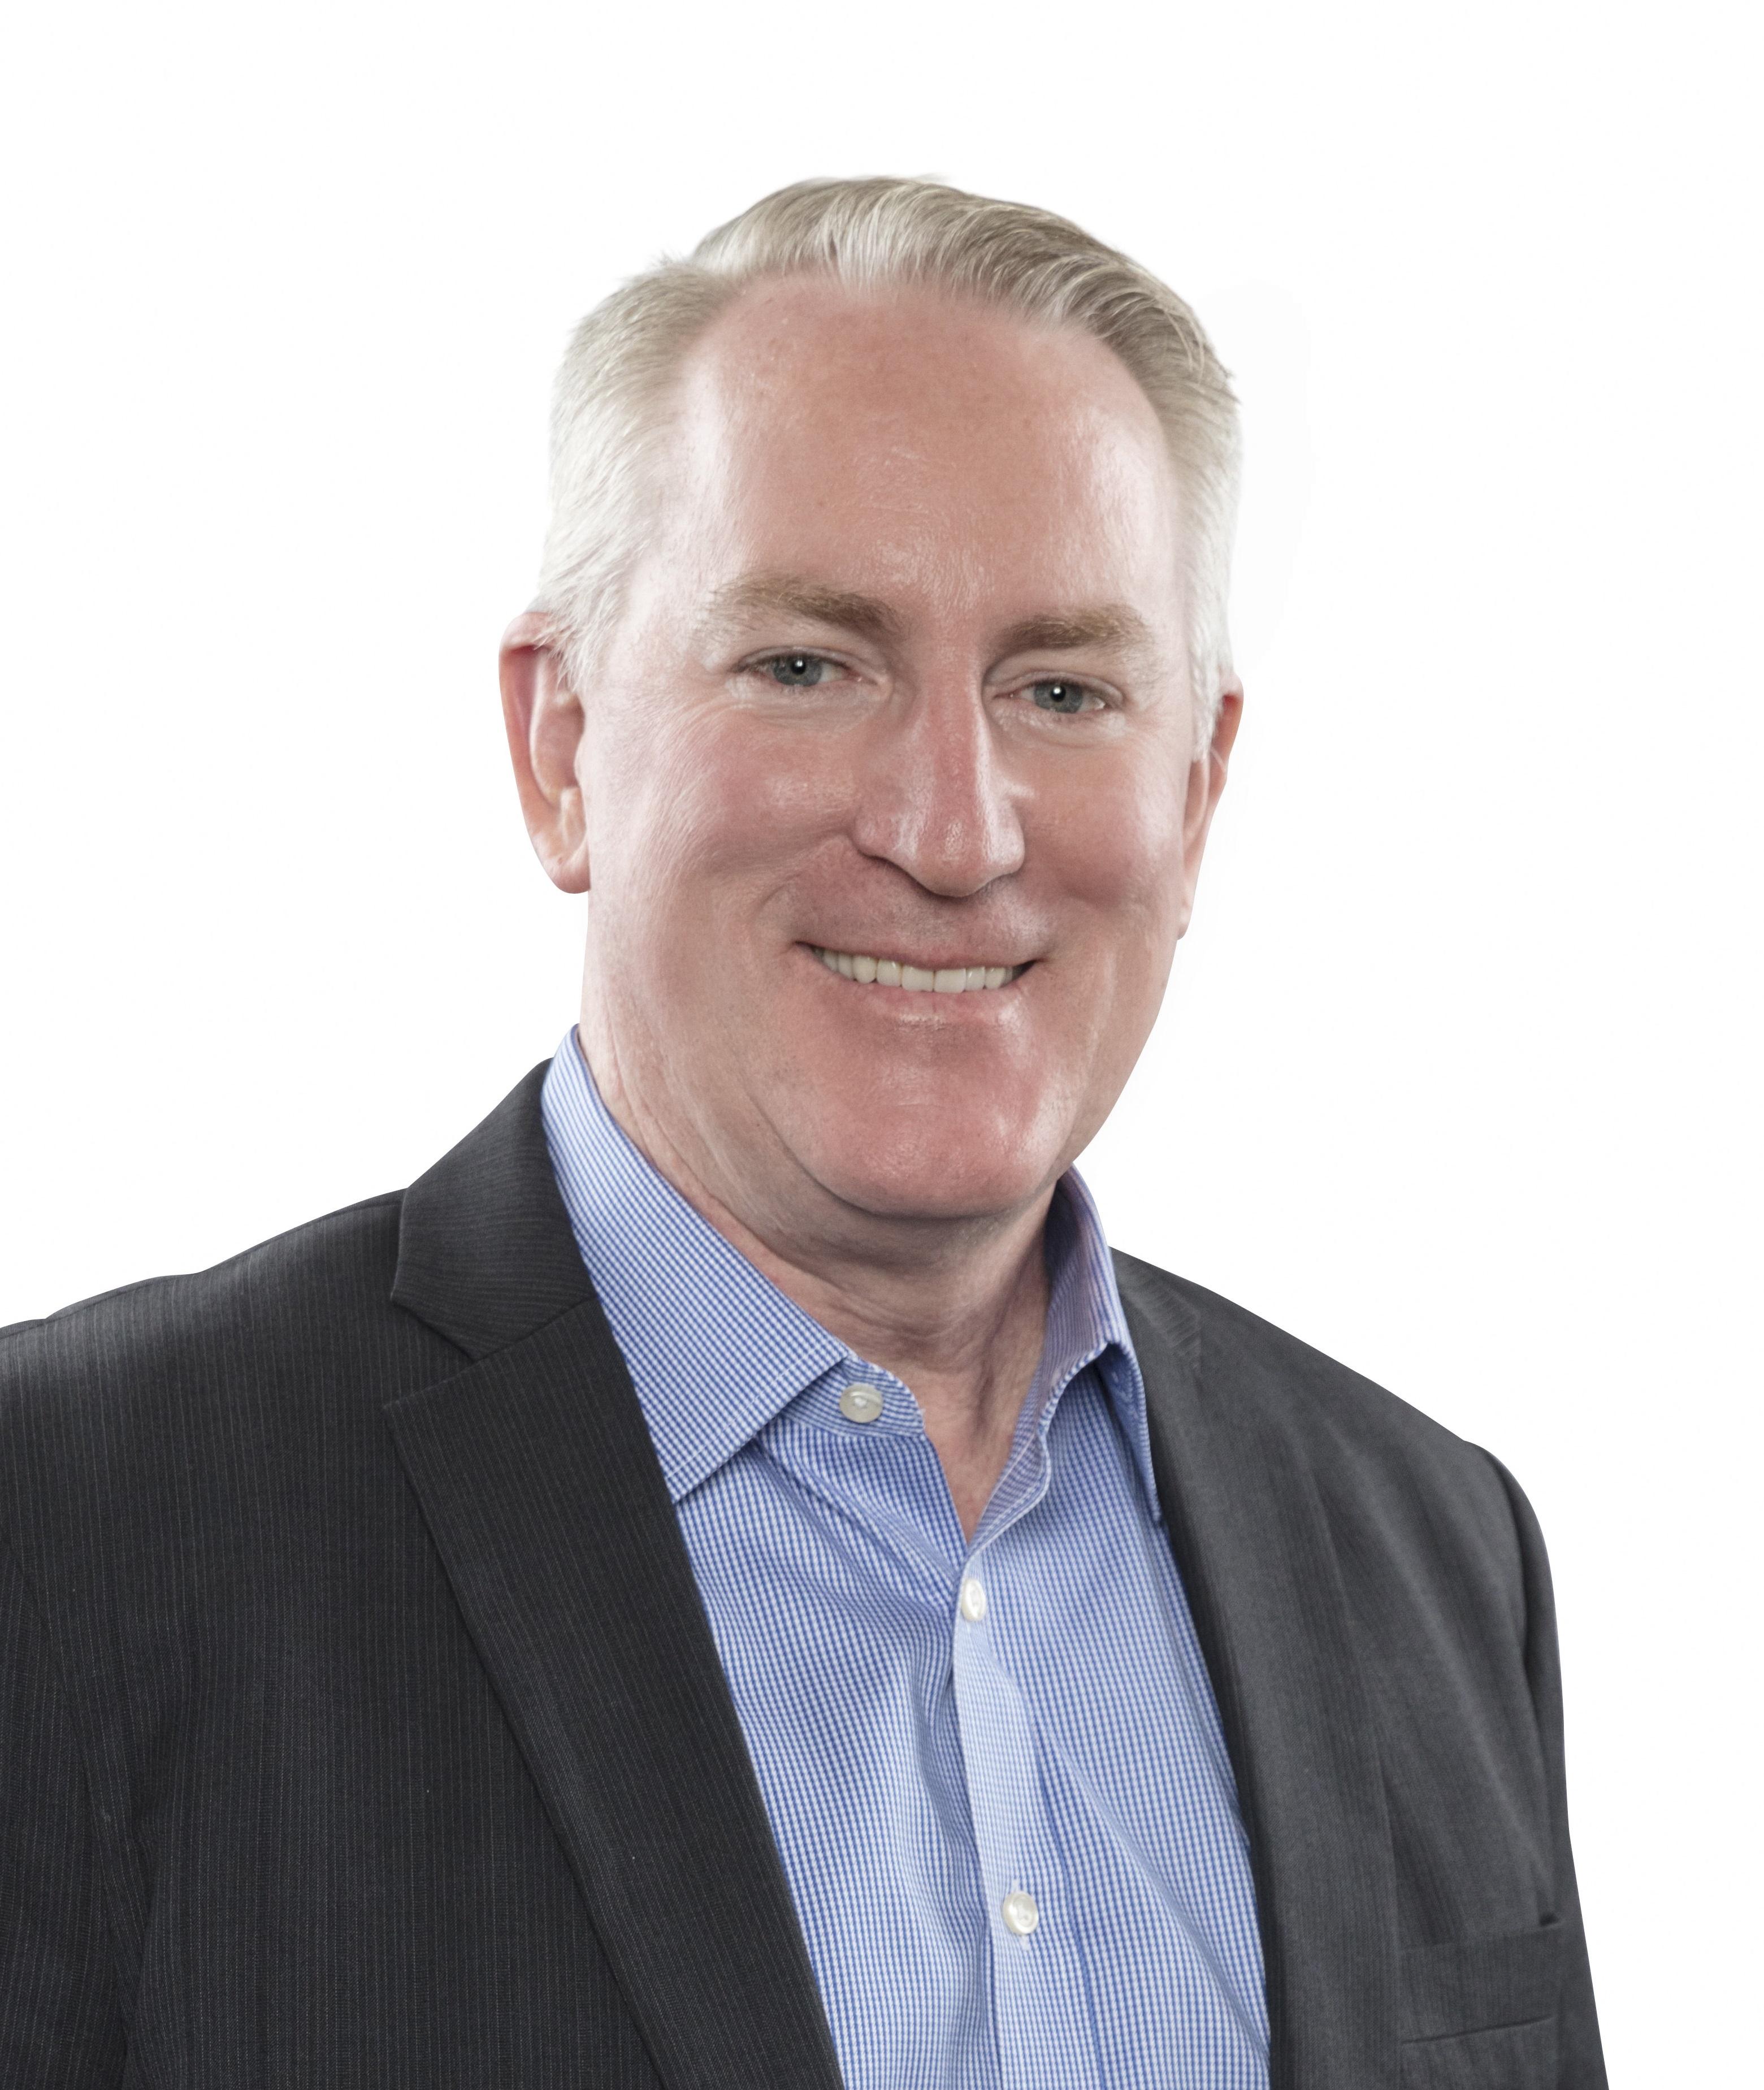 Tony Clark, NTI